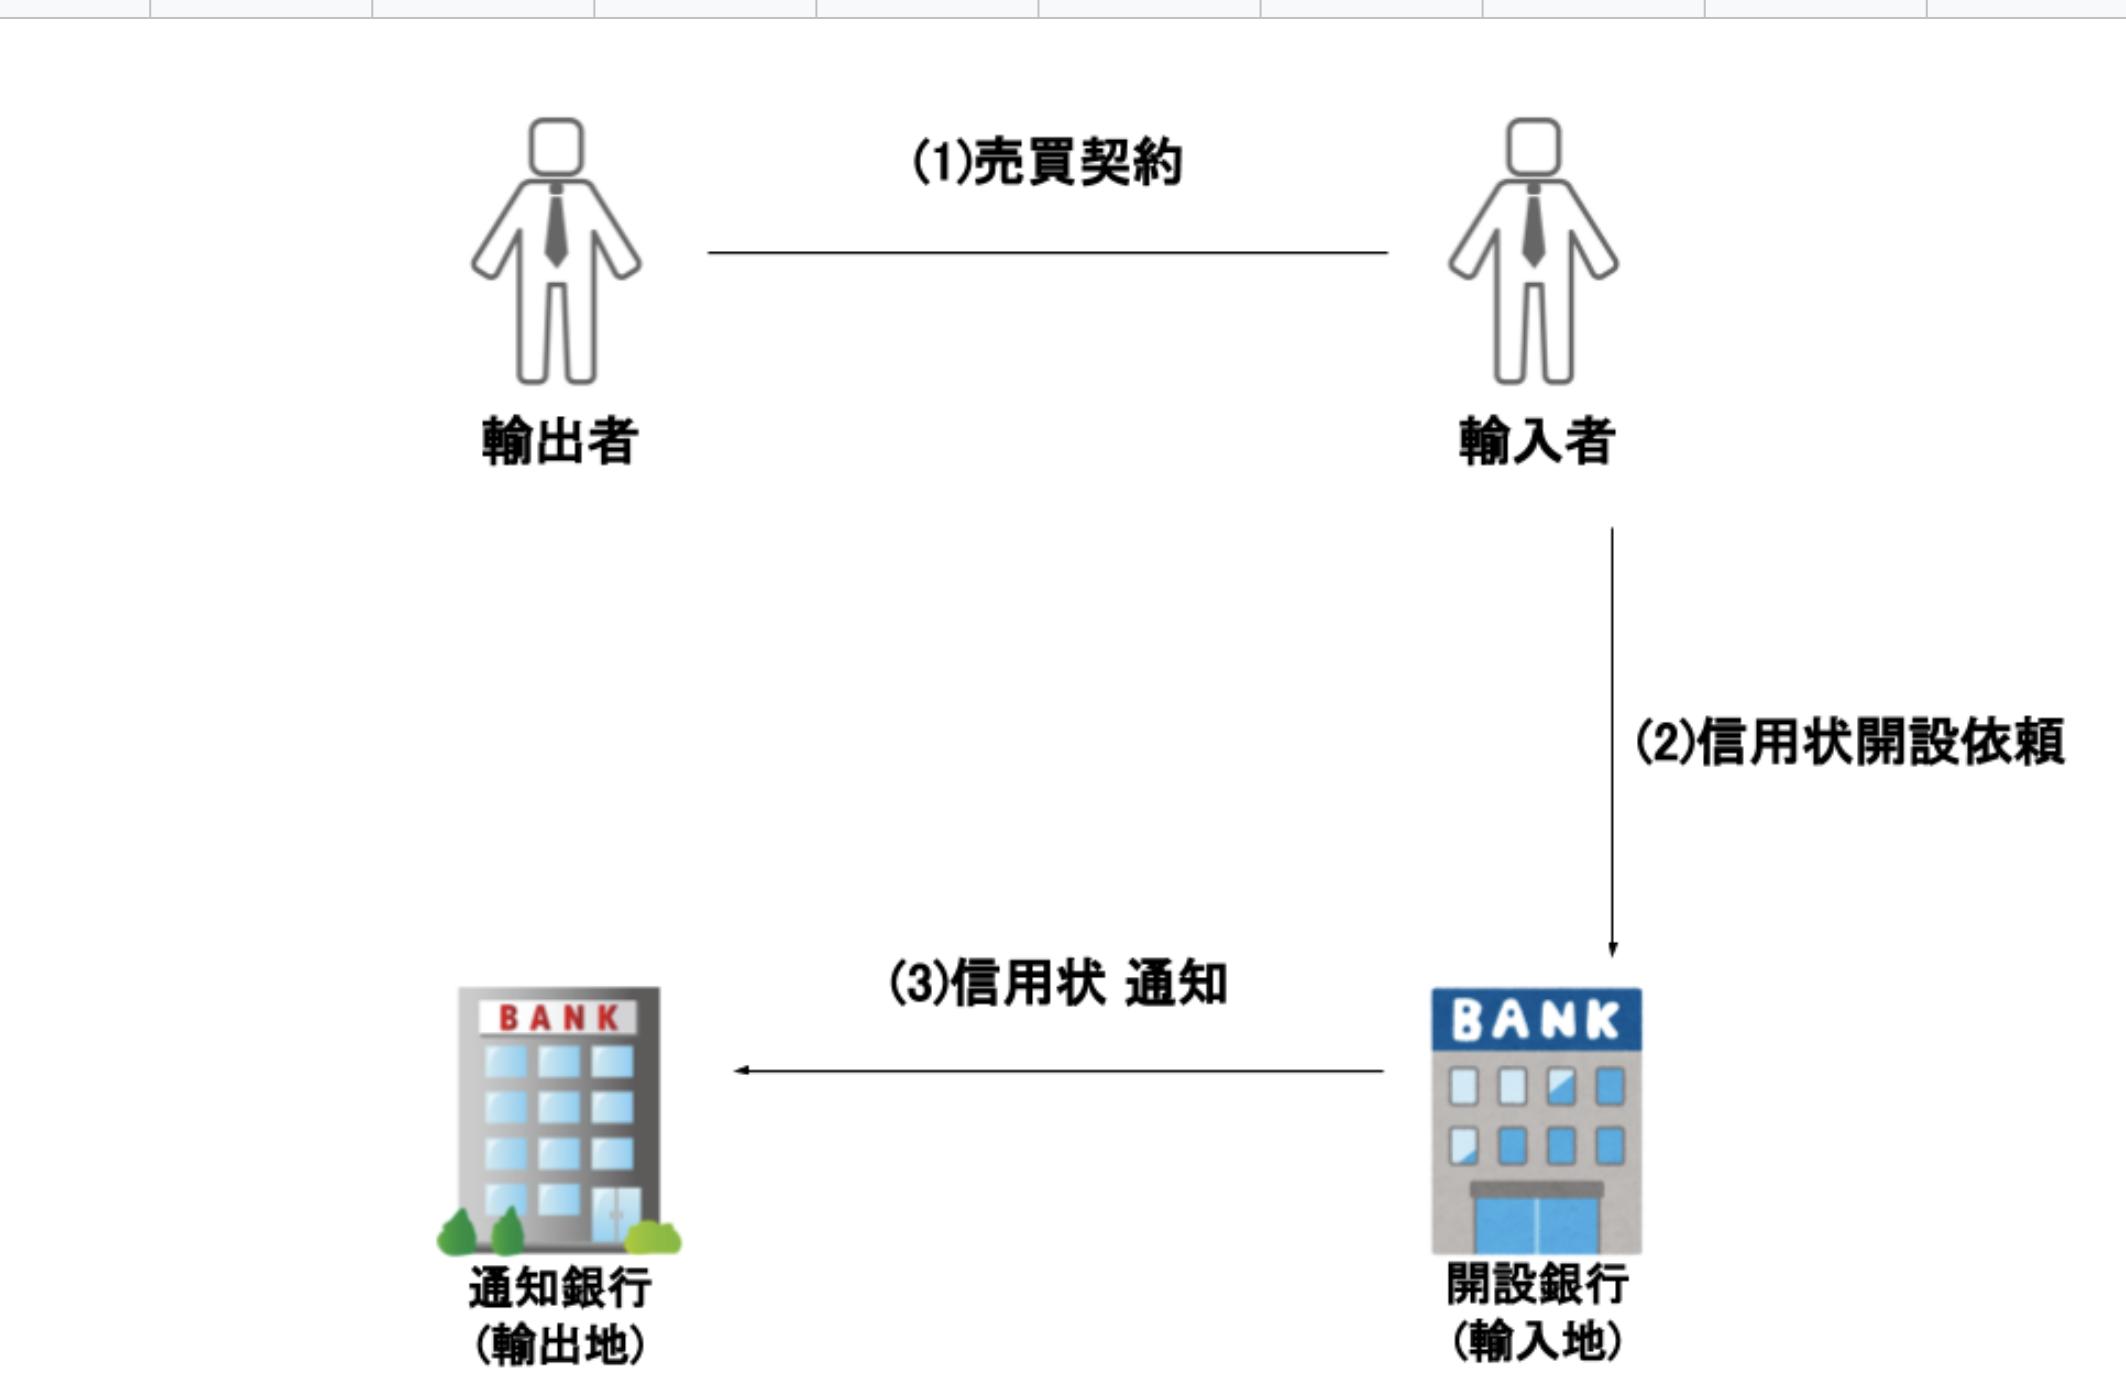 (3)信用状通知